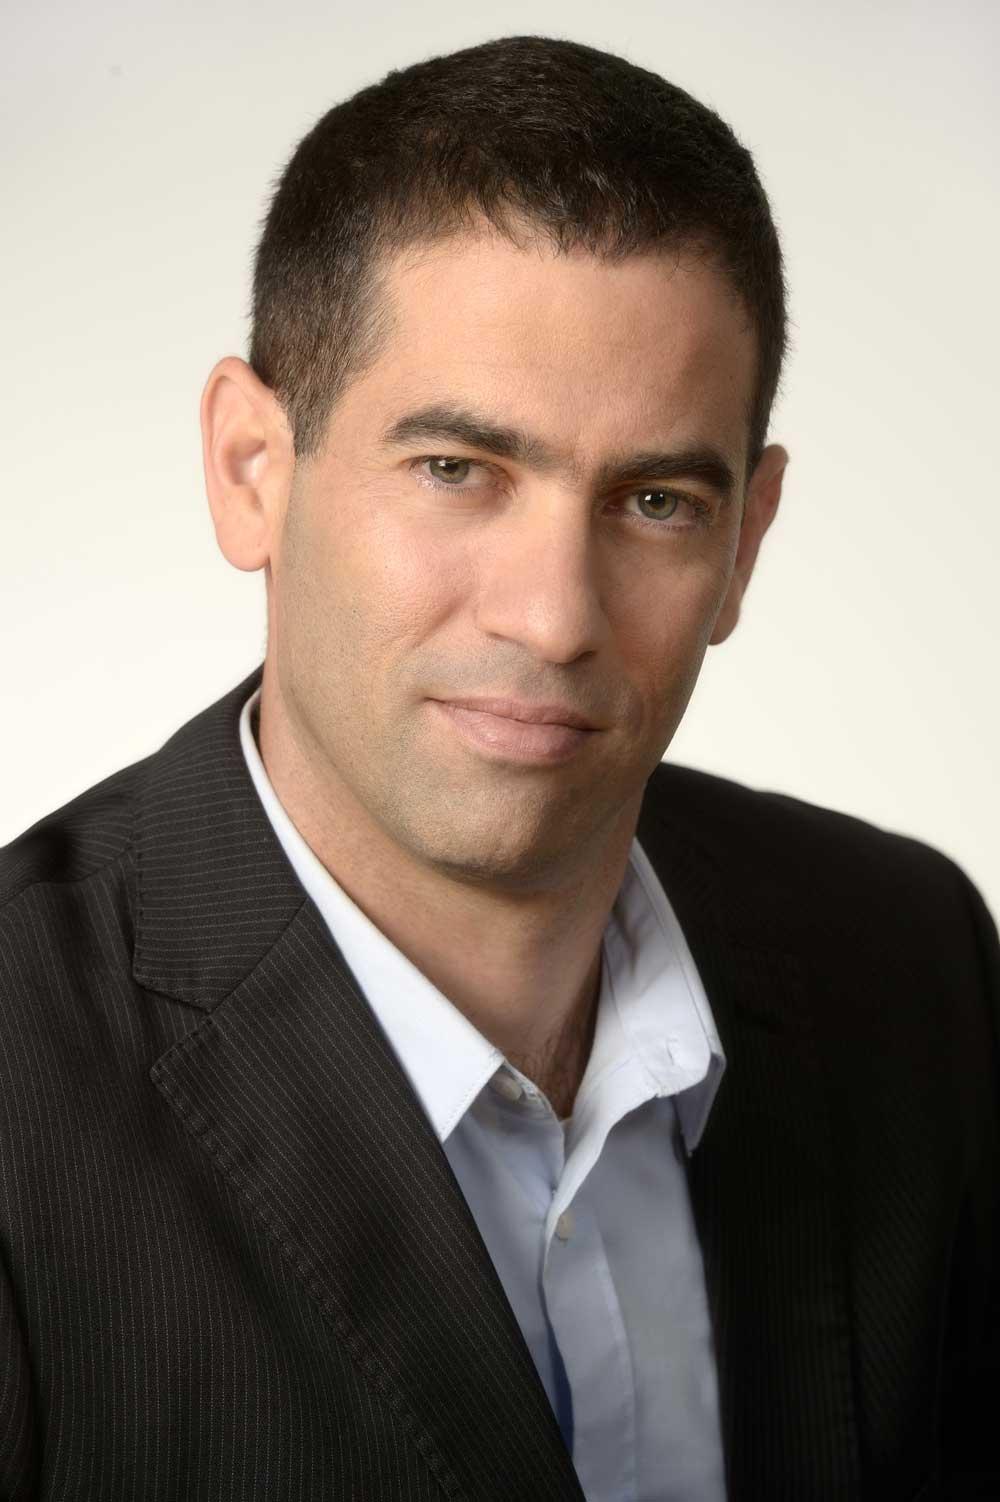 Jonathan Kaftzan